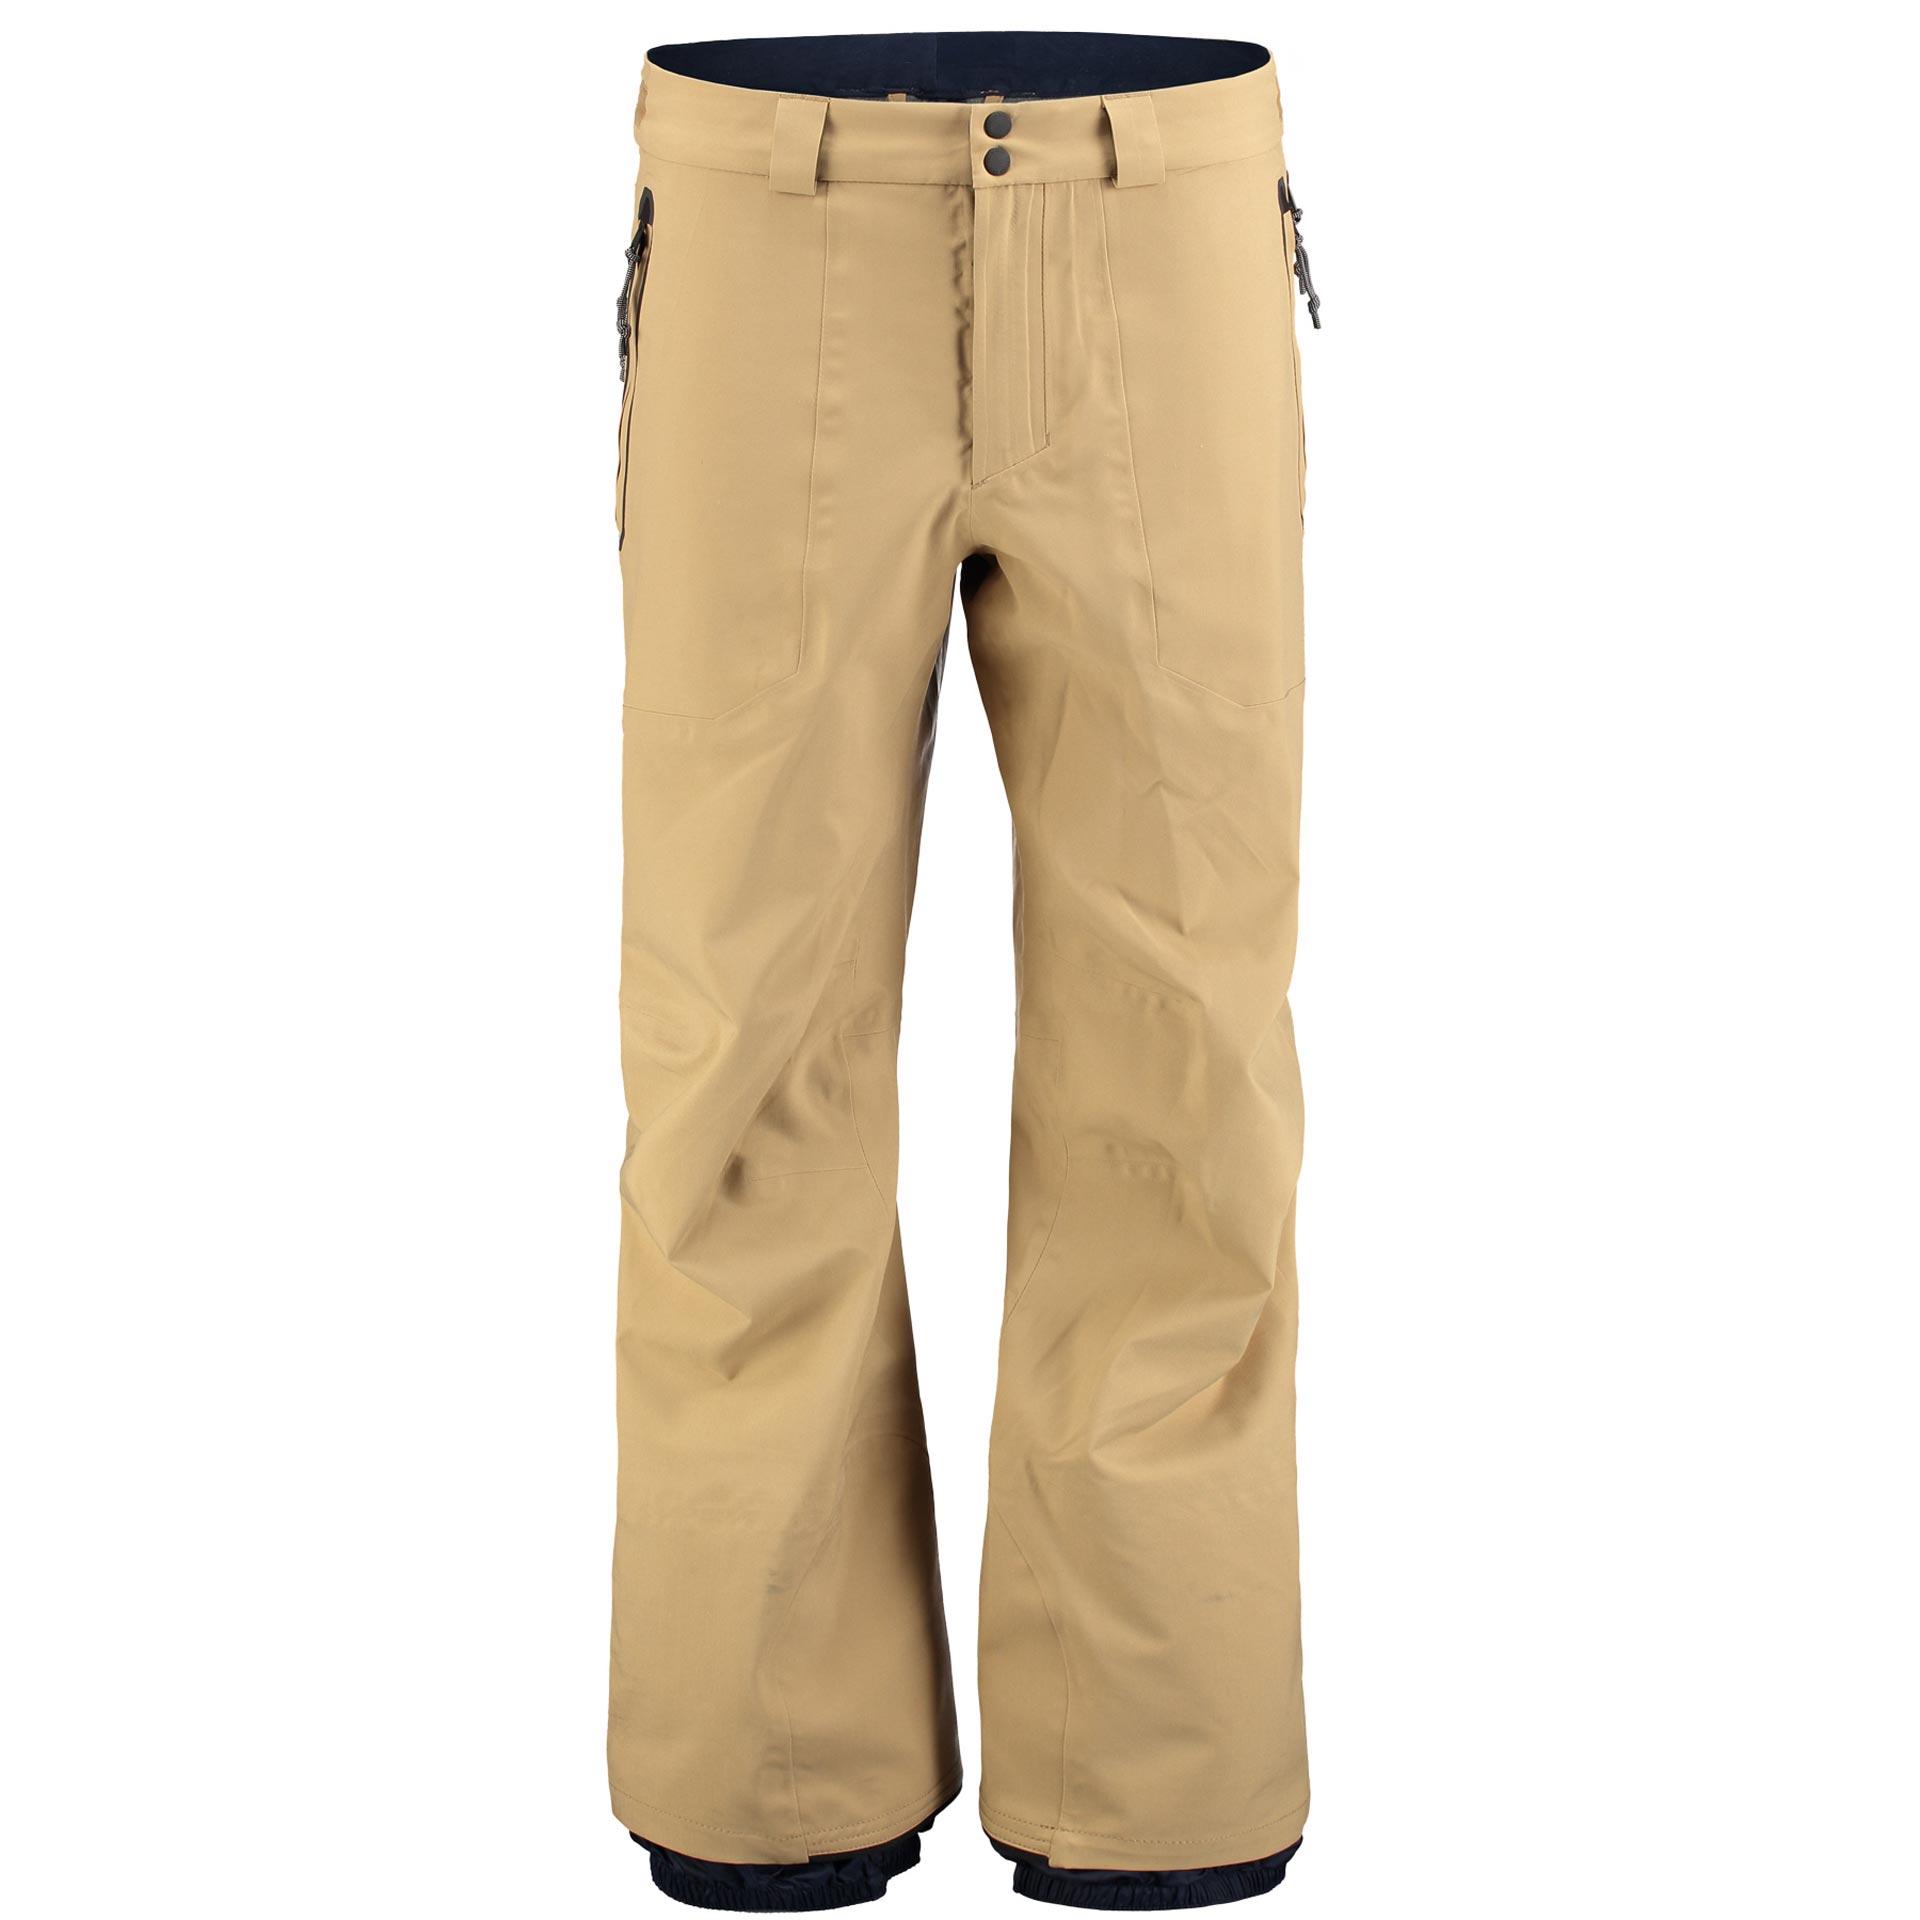 O'Neill: Jeremy Jones 3L Pants